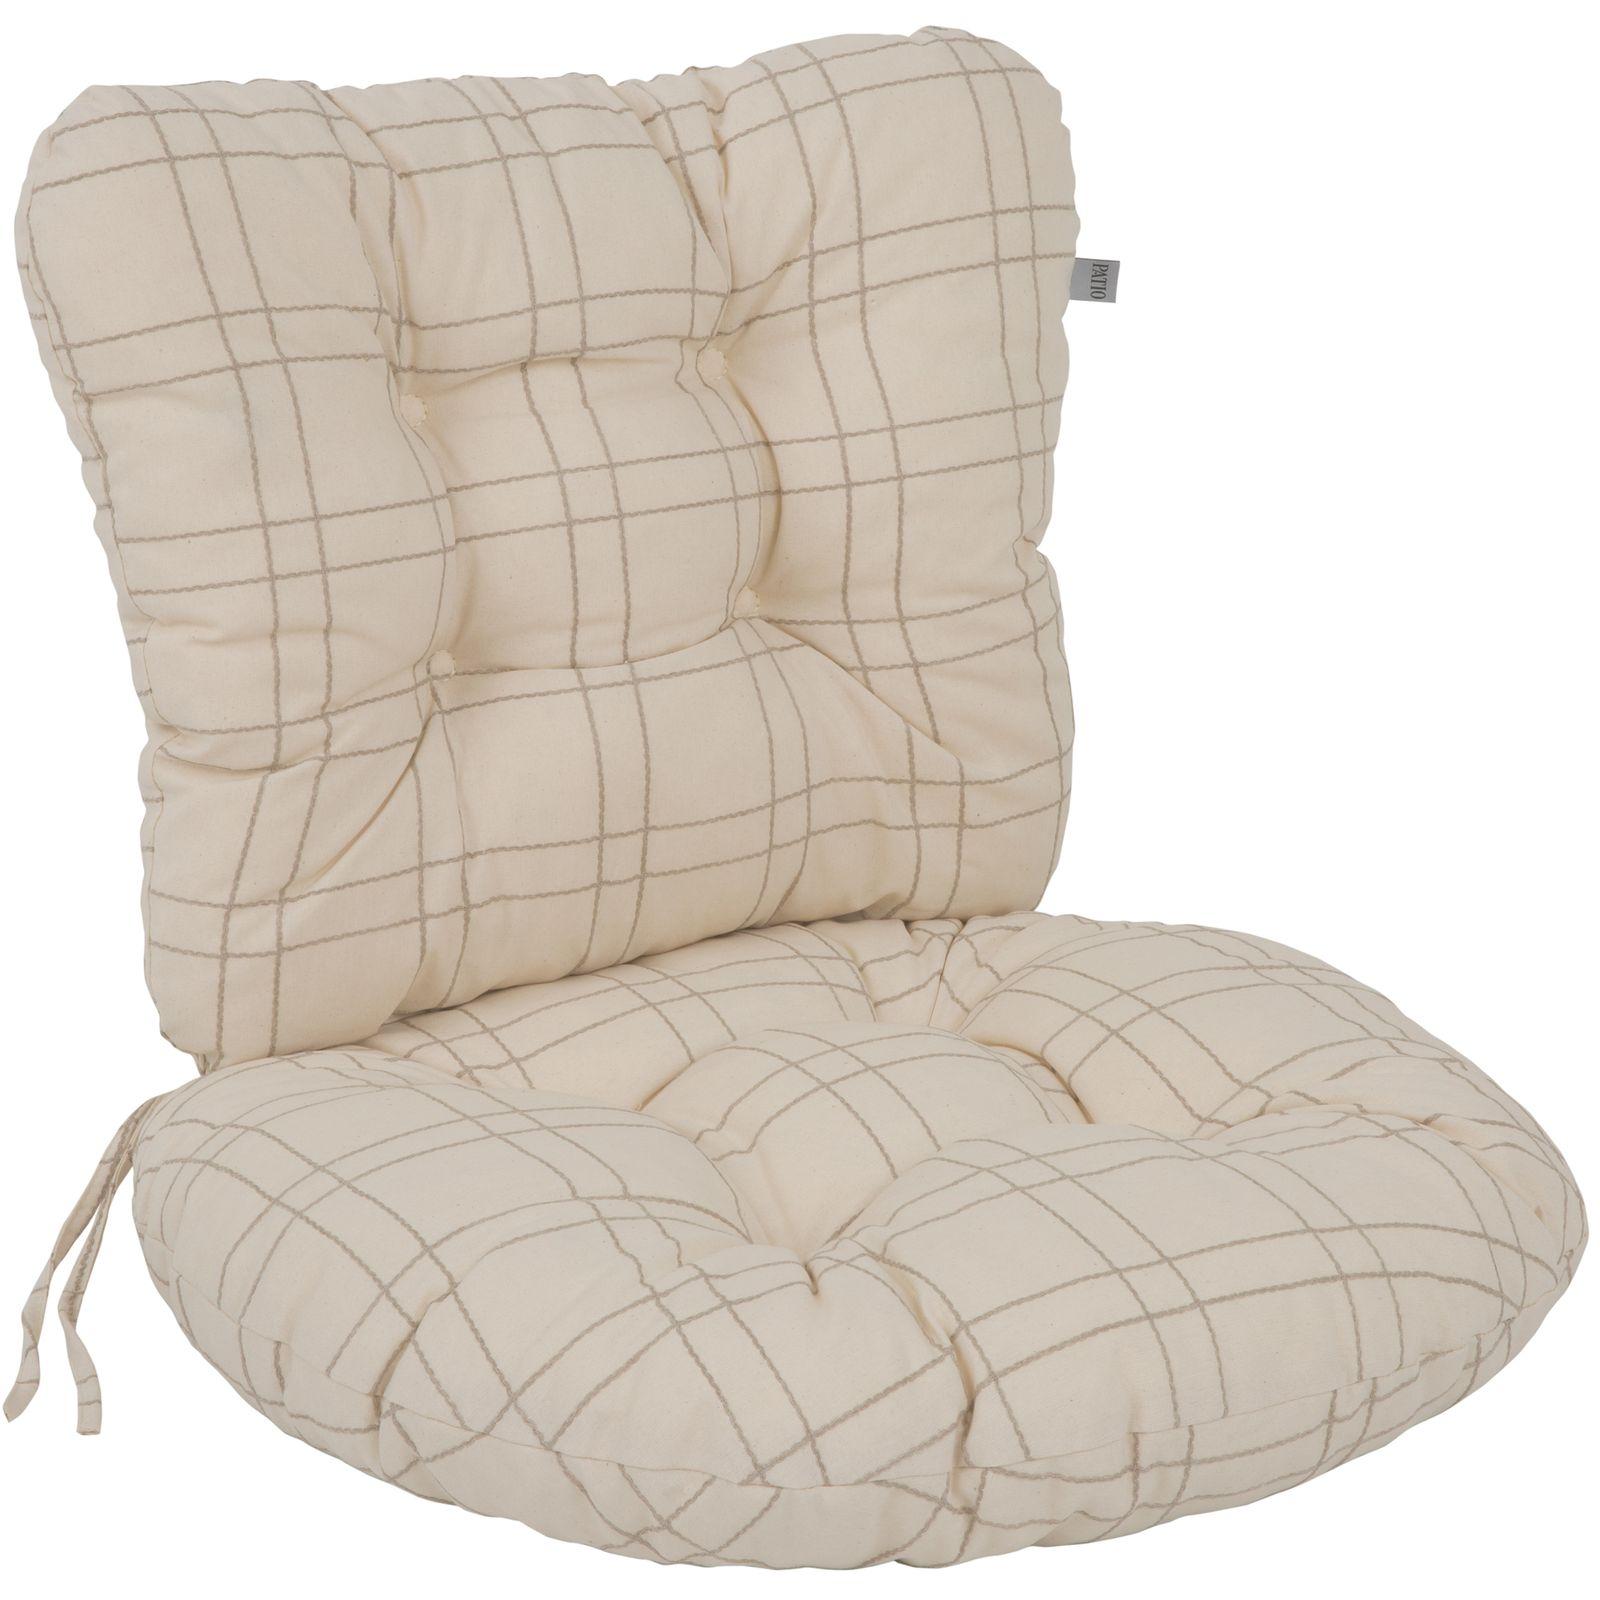 Conjunto de cojines para sillón 55 cm Marocco B007-15LB PATIO